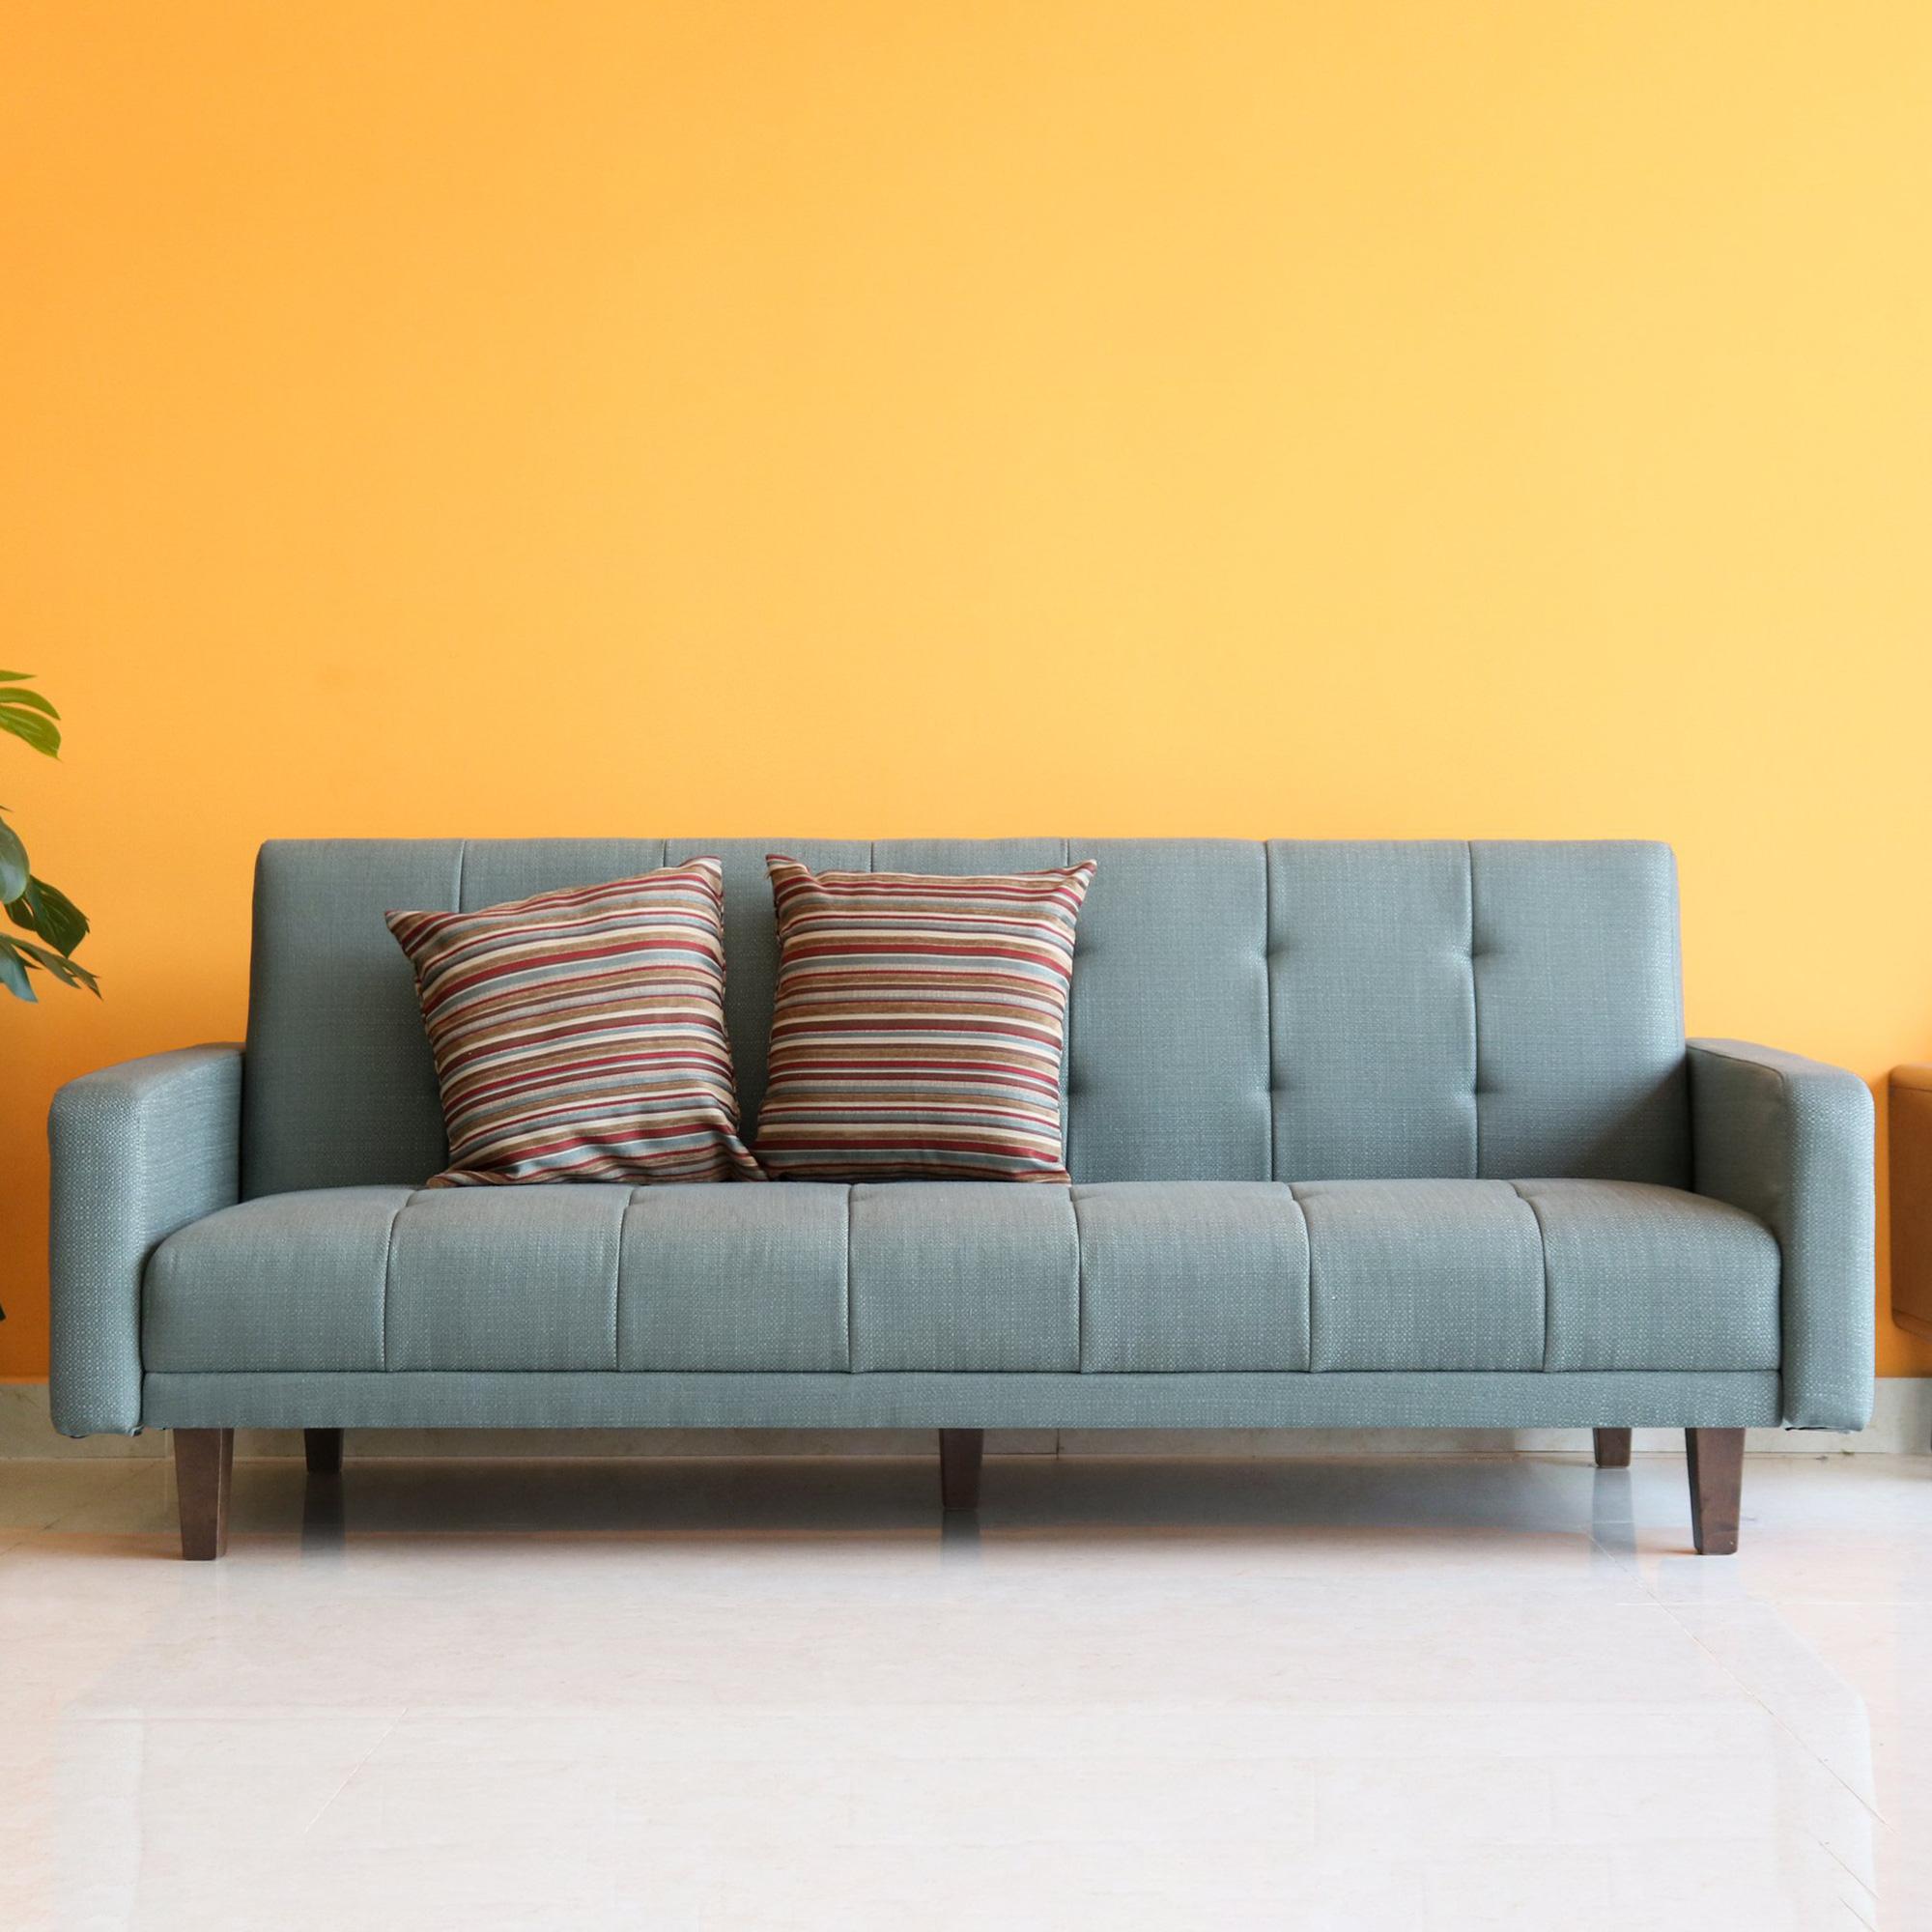 7 mẫu sofa giường từ 4,2 triệu cho phòng ốc gọn gàng nhỏ xinh - Ảnh 5.